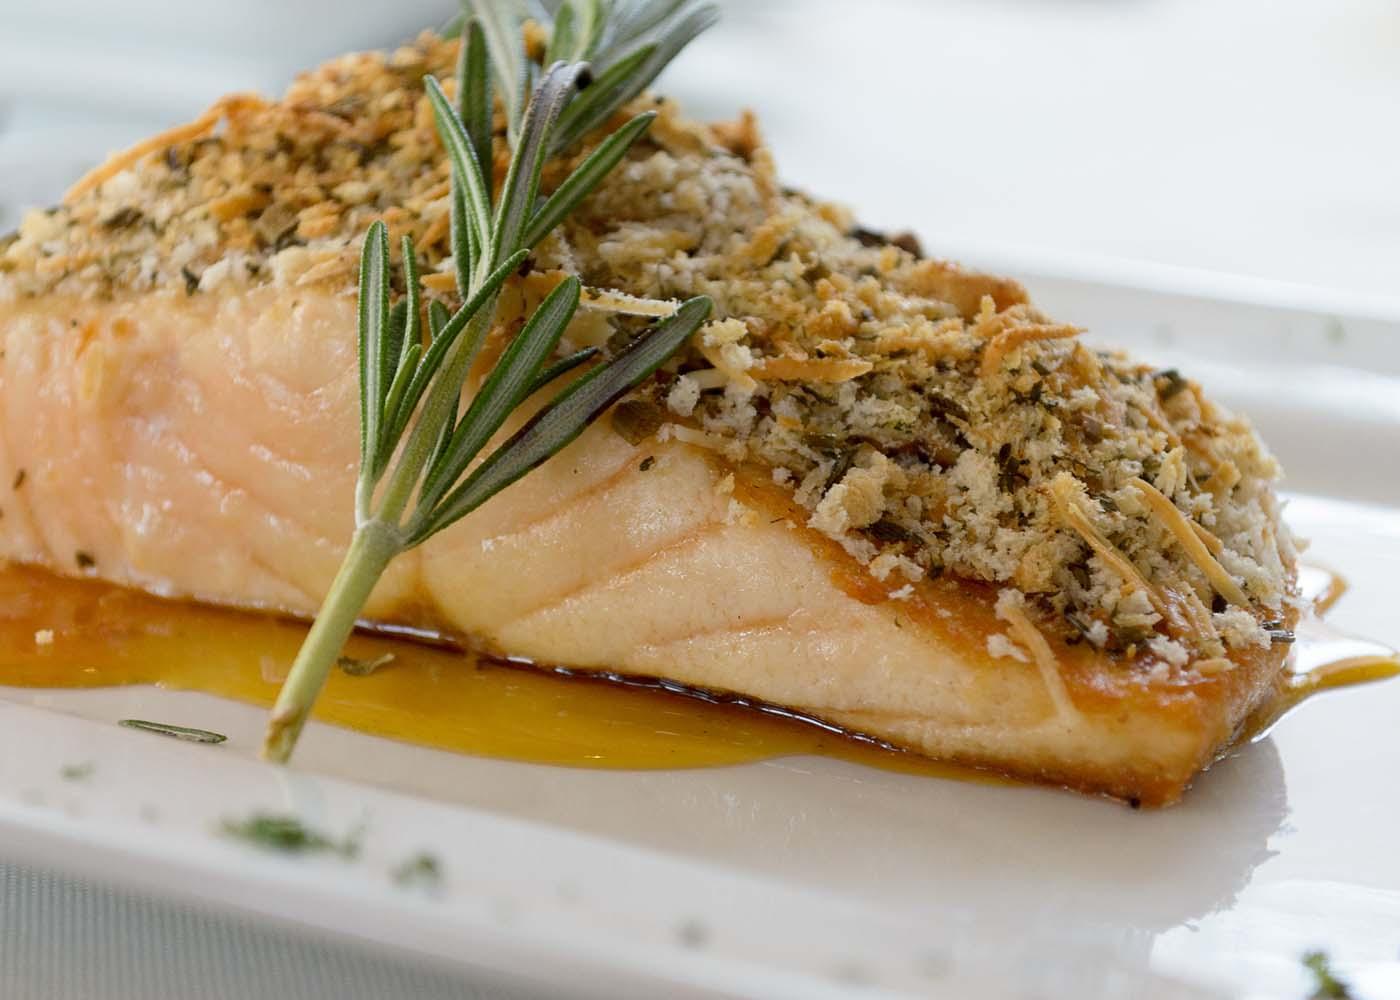 Receita de salmão grelhado com crosta de castanhas e alcaparras